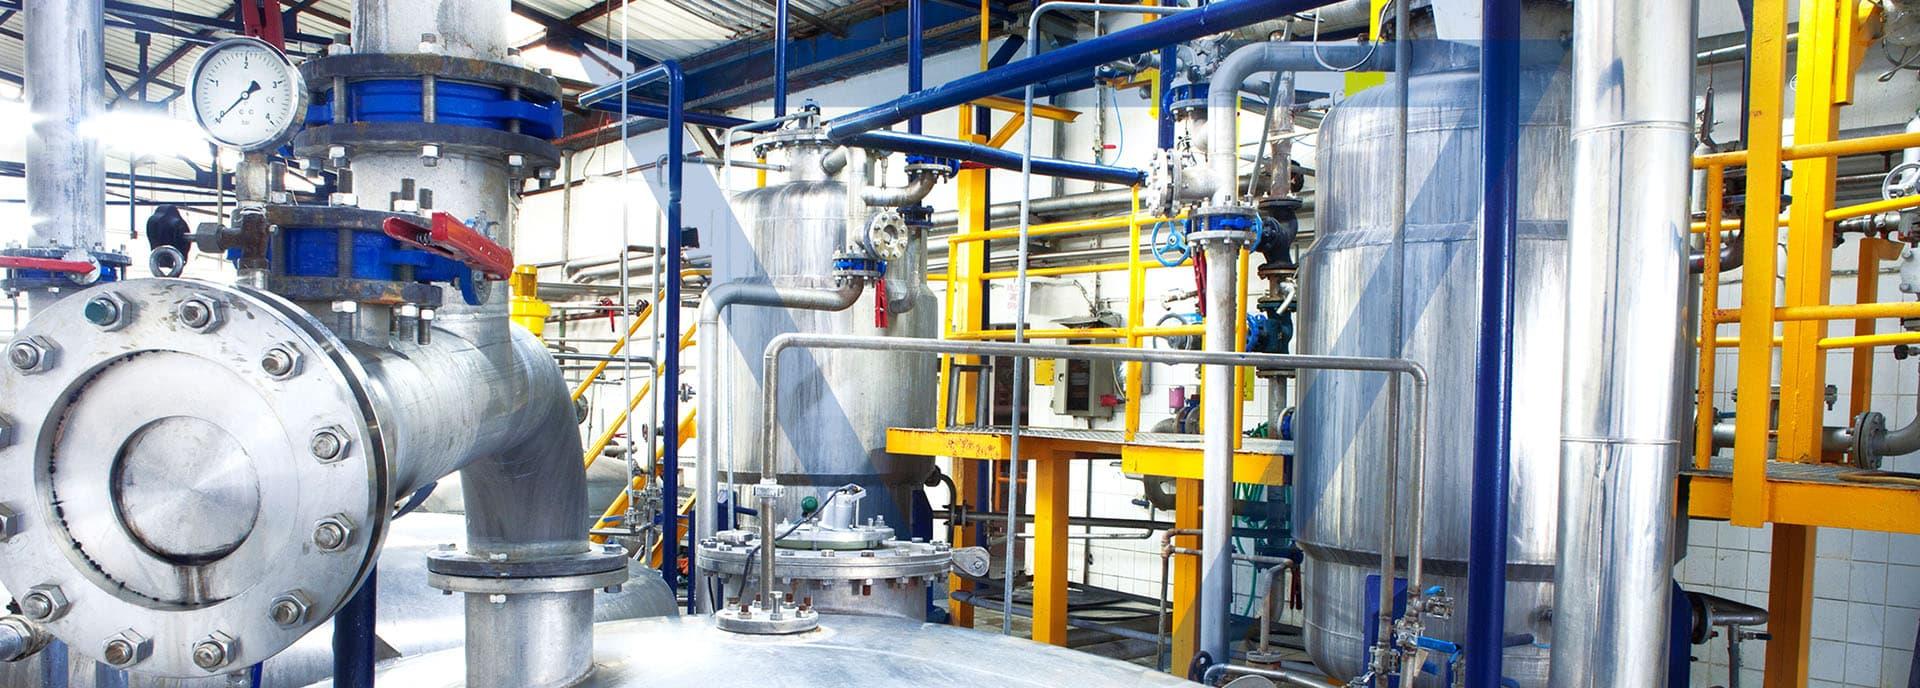 Messtechnik von Aquasant fuer die Industrie